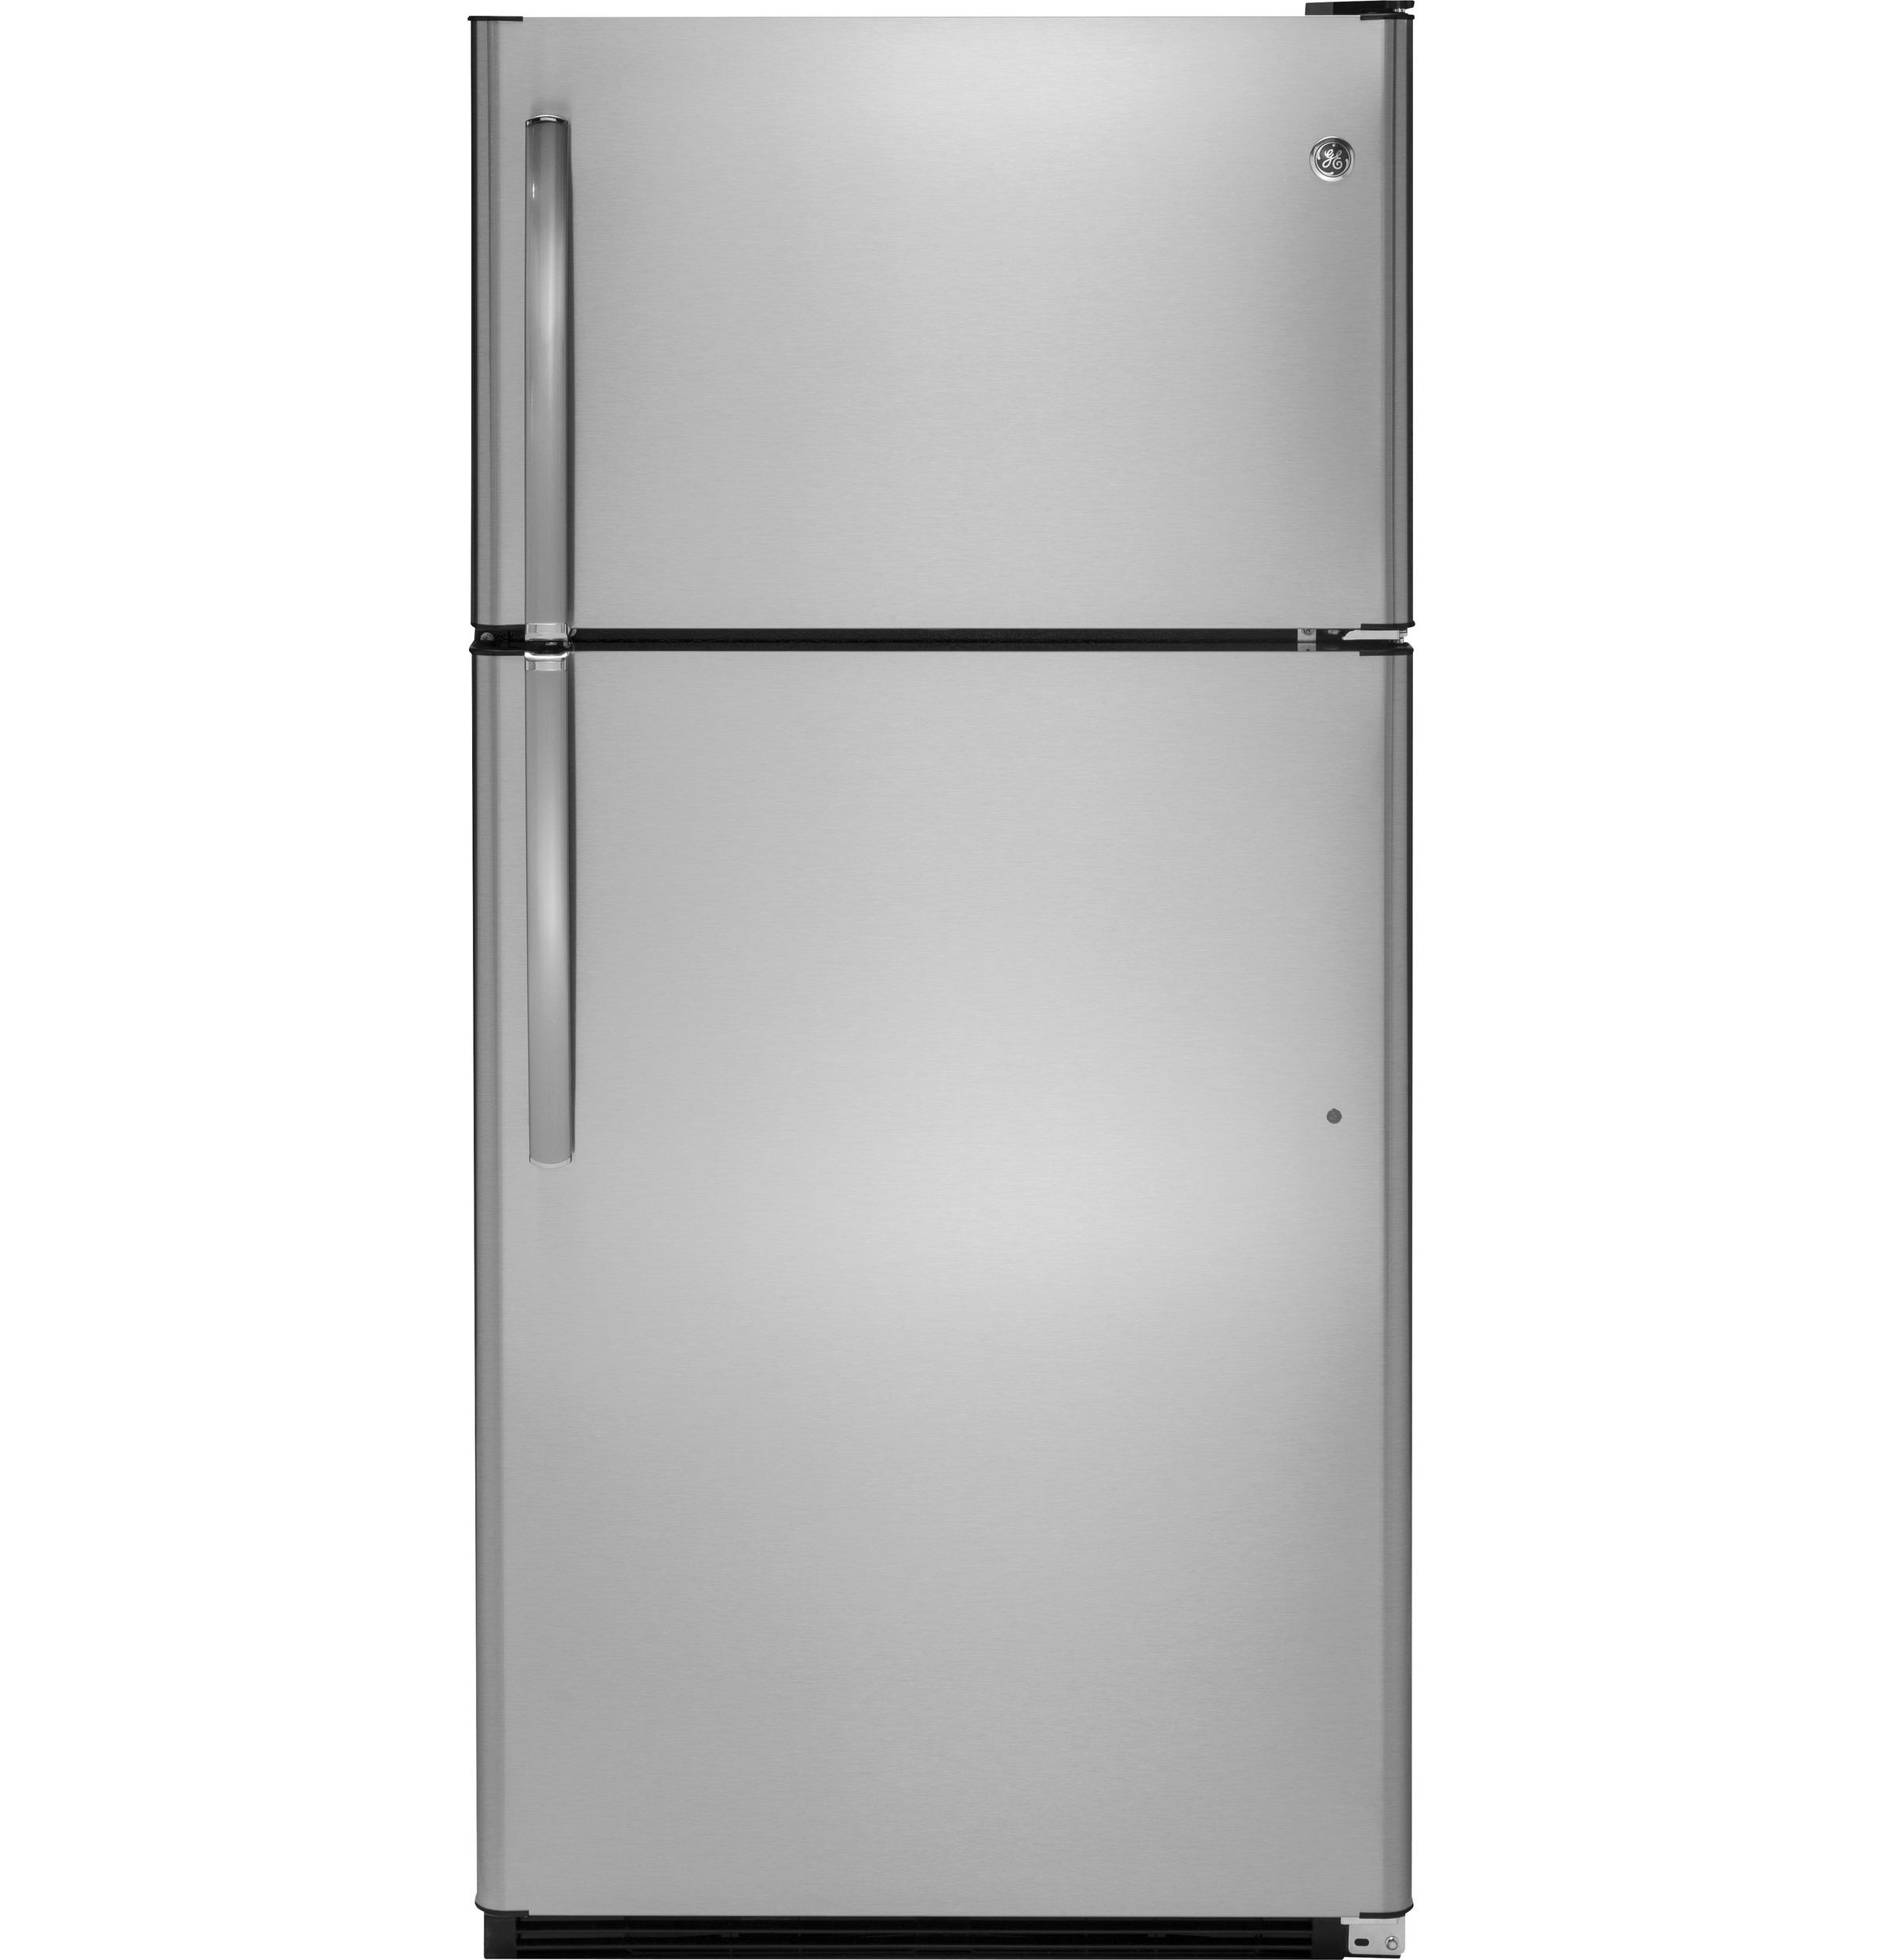 GE Appliances - GTS21FSKSS